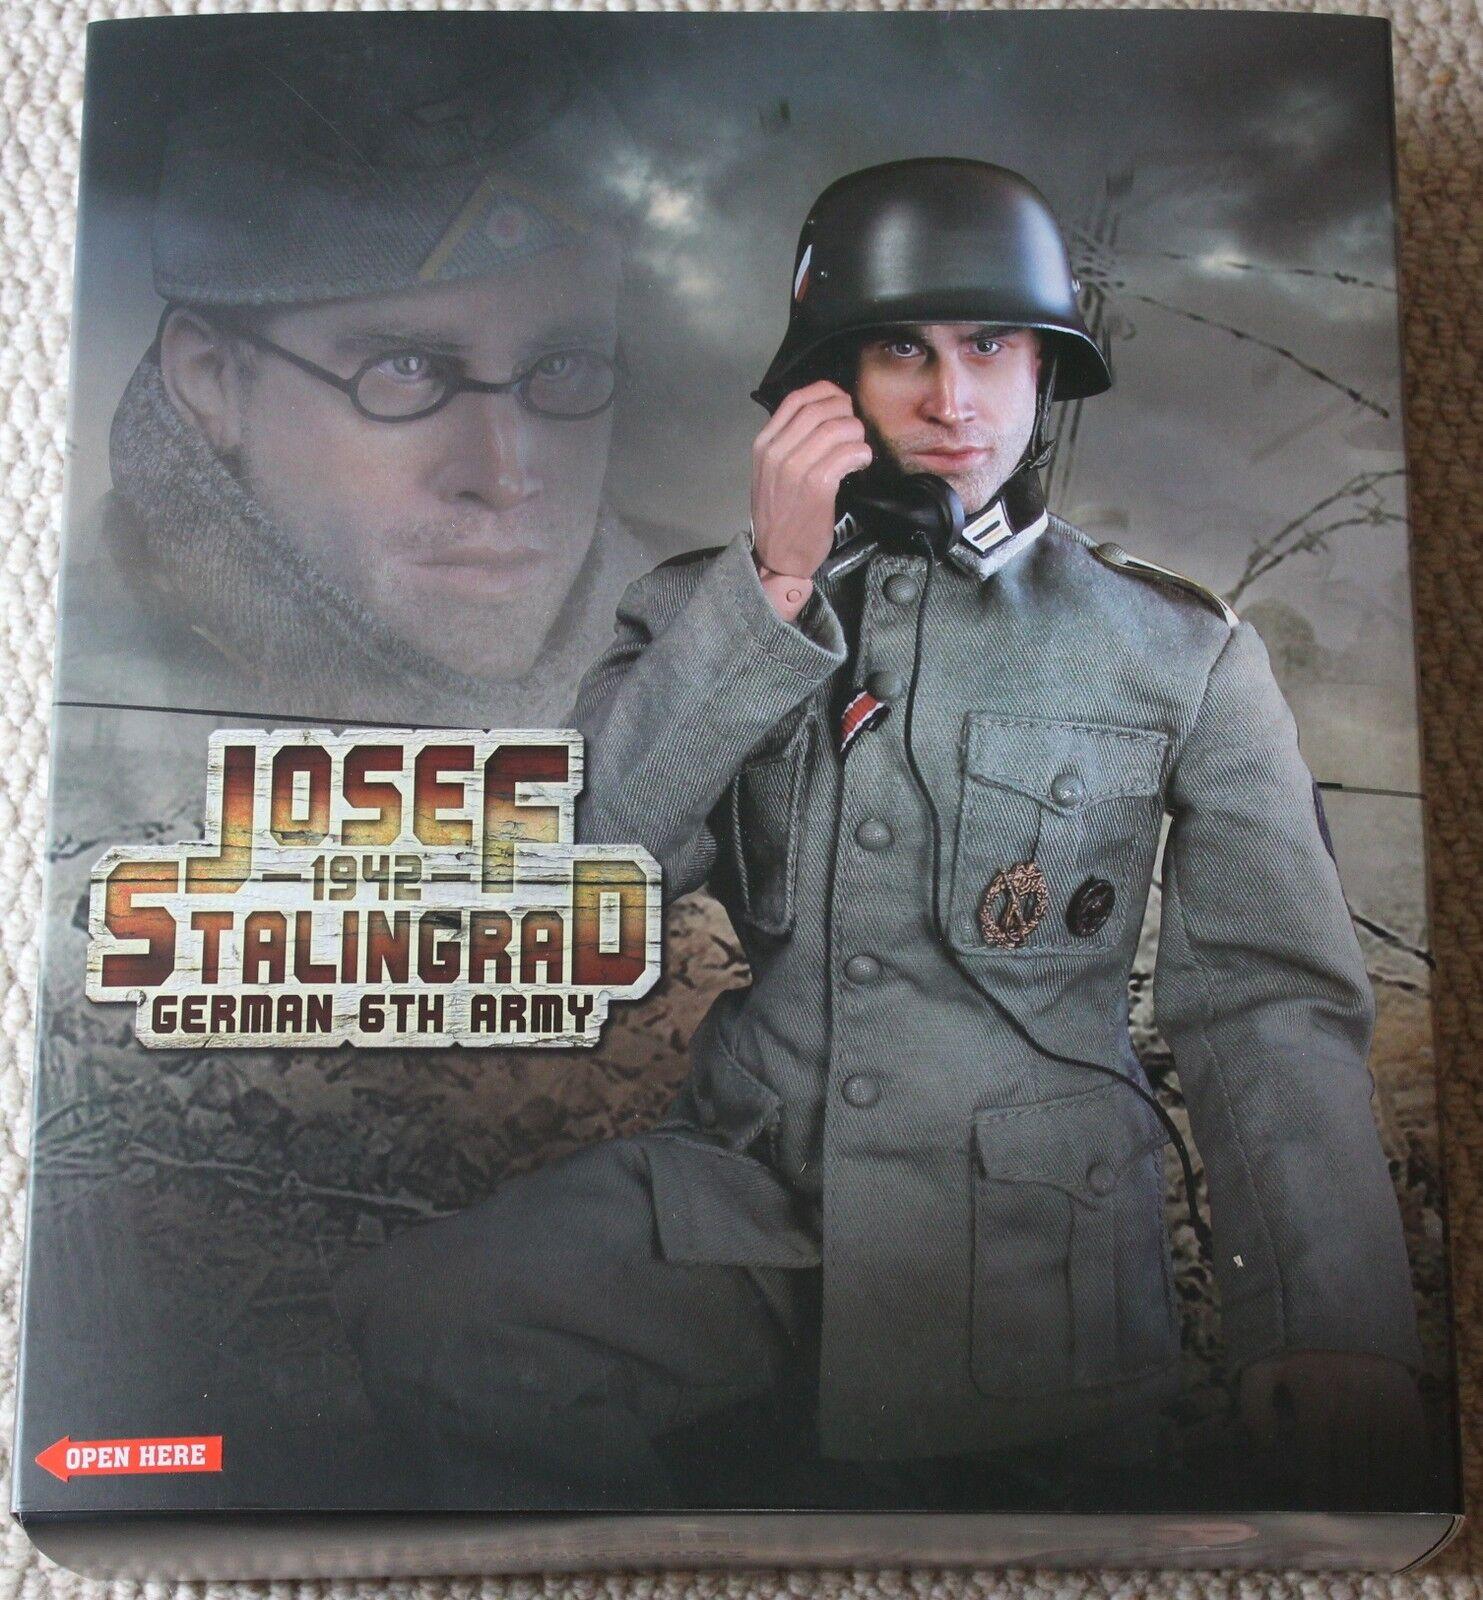 Hizo figura de acción alemán Josef Starlingrad 1/6 12 en caja caliente Juguete ww11 Dragon